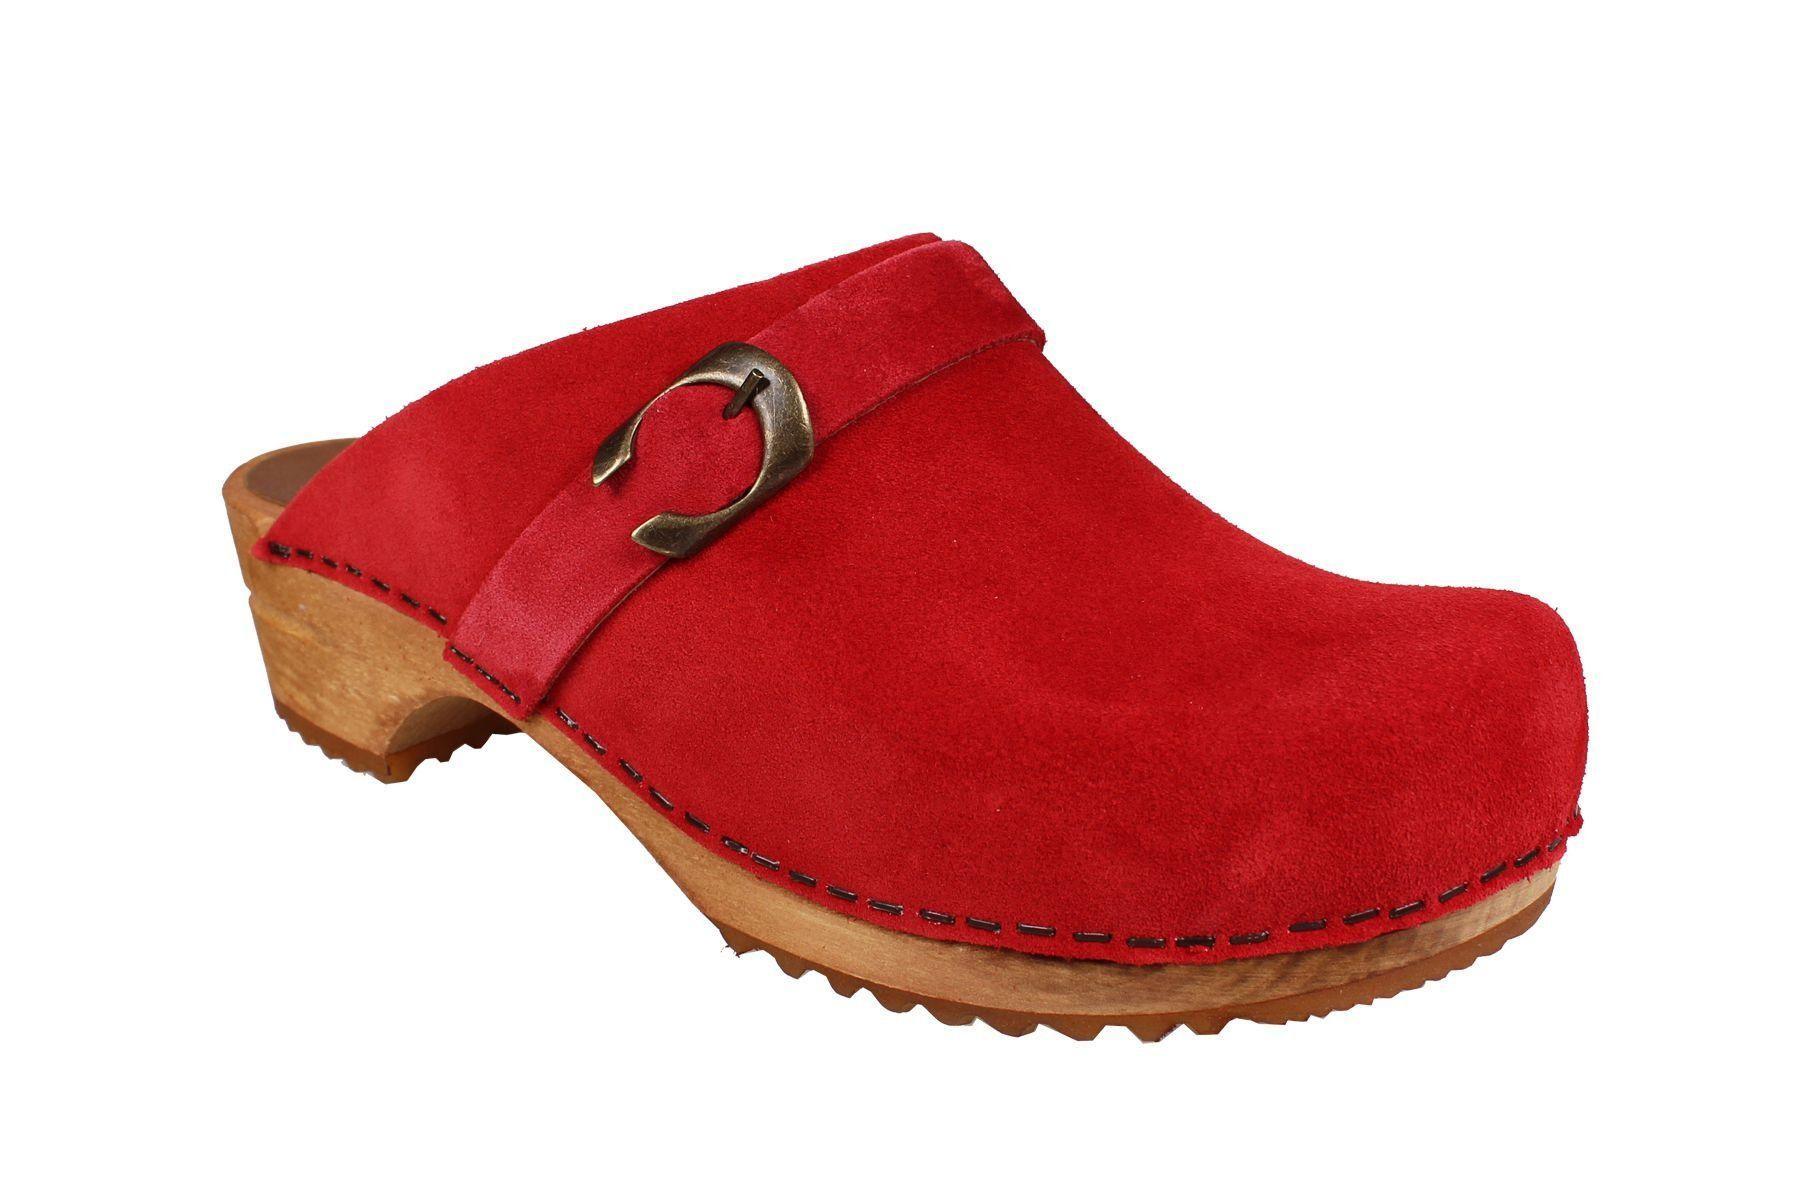 Sanita Hedi Classic Clog in Red Suede